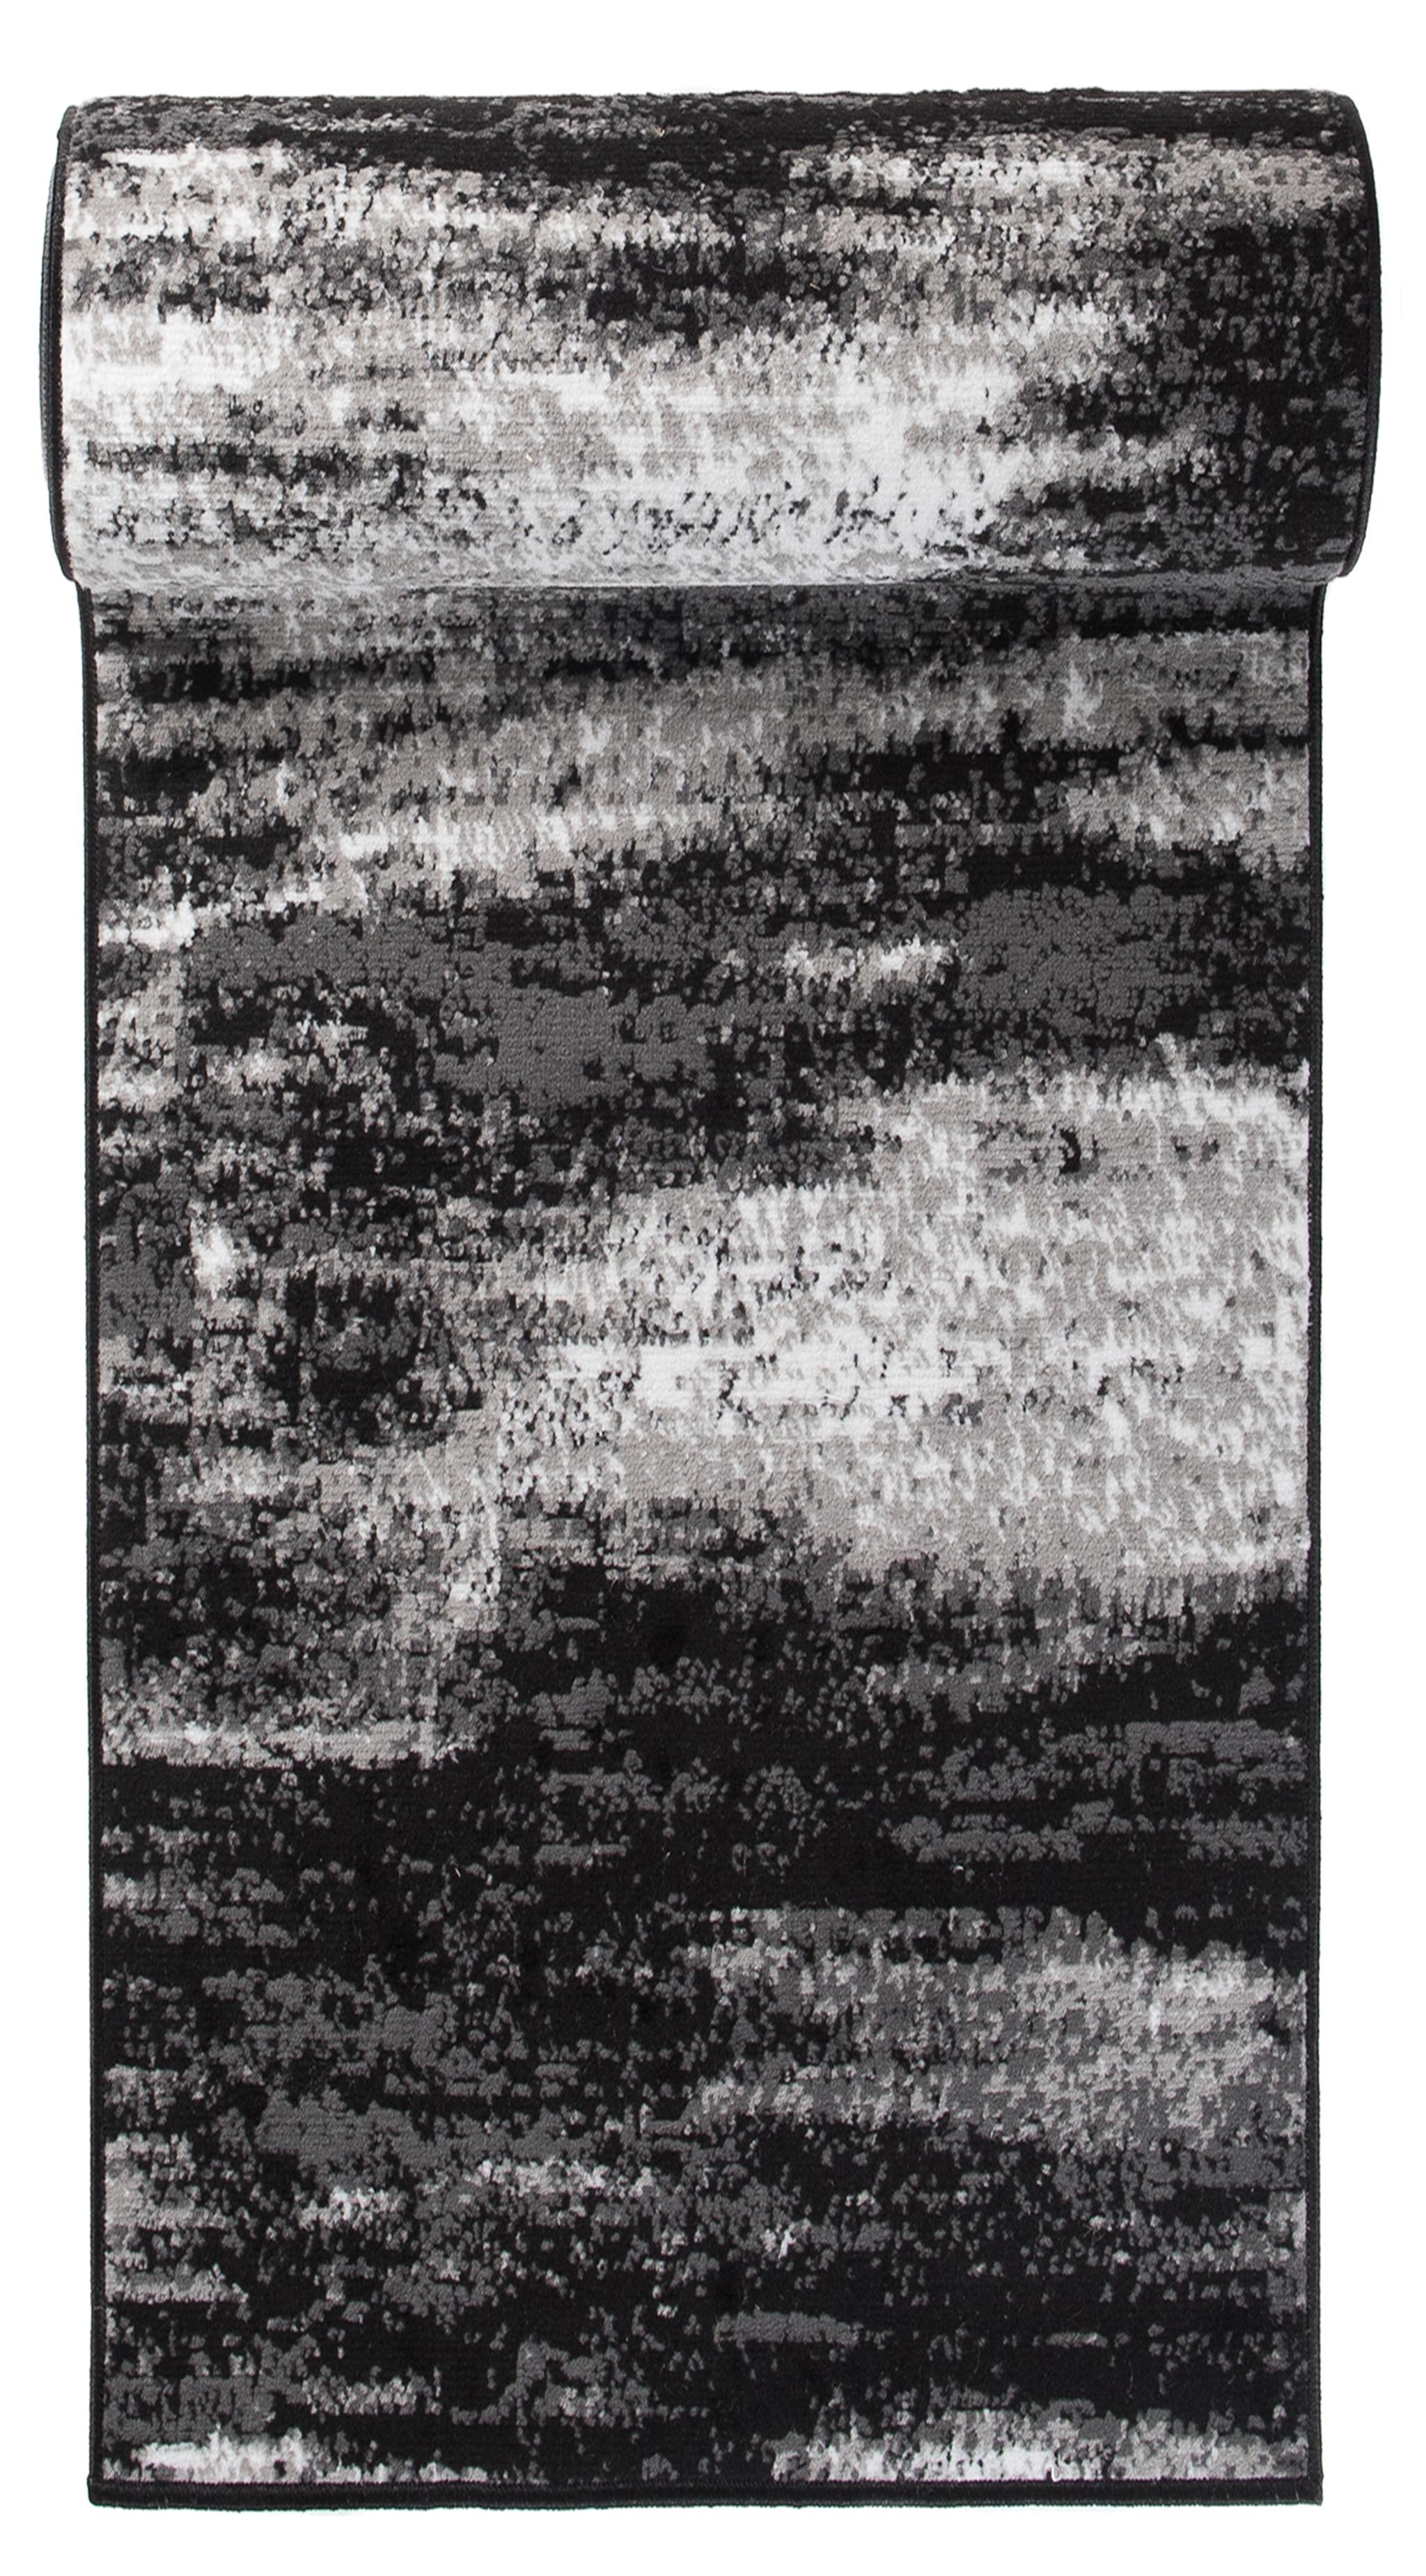 Chodnik nowoczesny Z905D MAYA EYM CHODNIK czarny